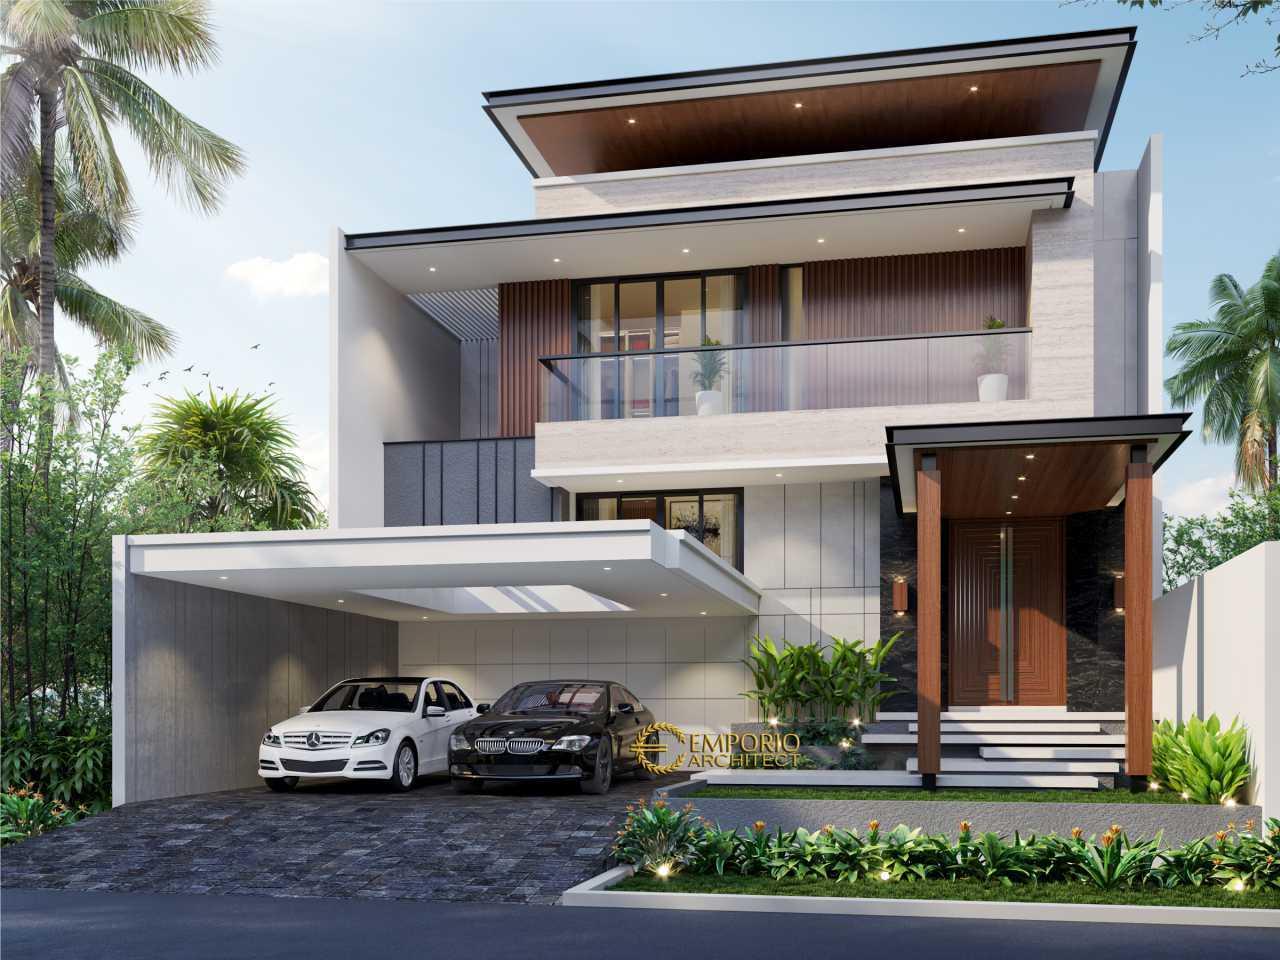 Emporio Architect Jasa Arsitek Bogor Desain Rumah Modern 2.5 Lantai 757 @ Bogor, Jawa Barat Bogor, Jawa Barat, Indonesia Bogor, Jawa Barat, Indonesia Emporio-Architect-Jasa-Arsitek-Bogor-Desain-Rumah-Modern-25-Lantai-757-Bogor-Jawa-Barat Modern 94366